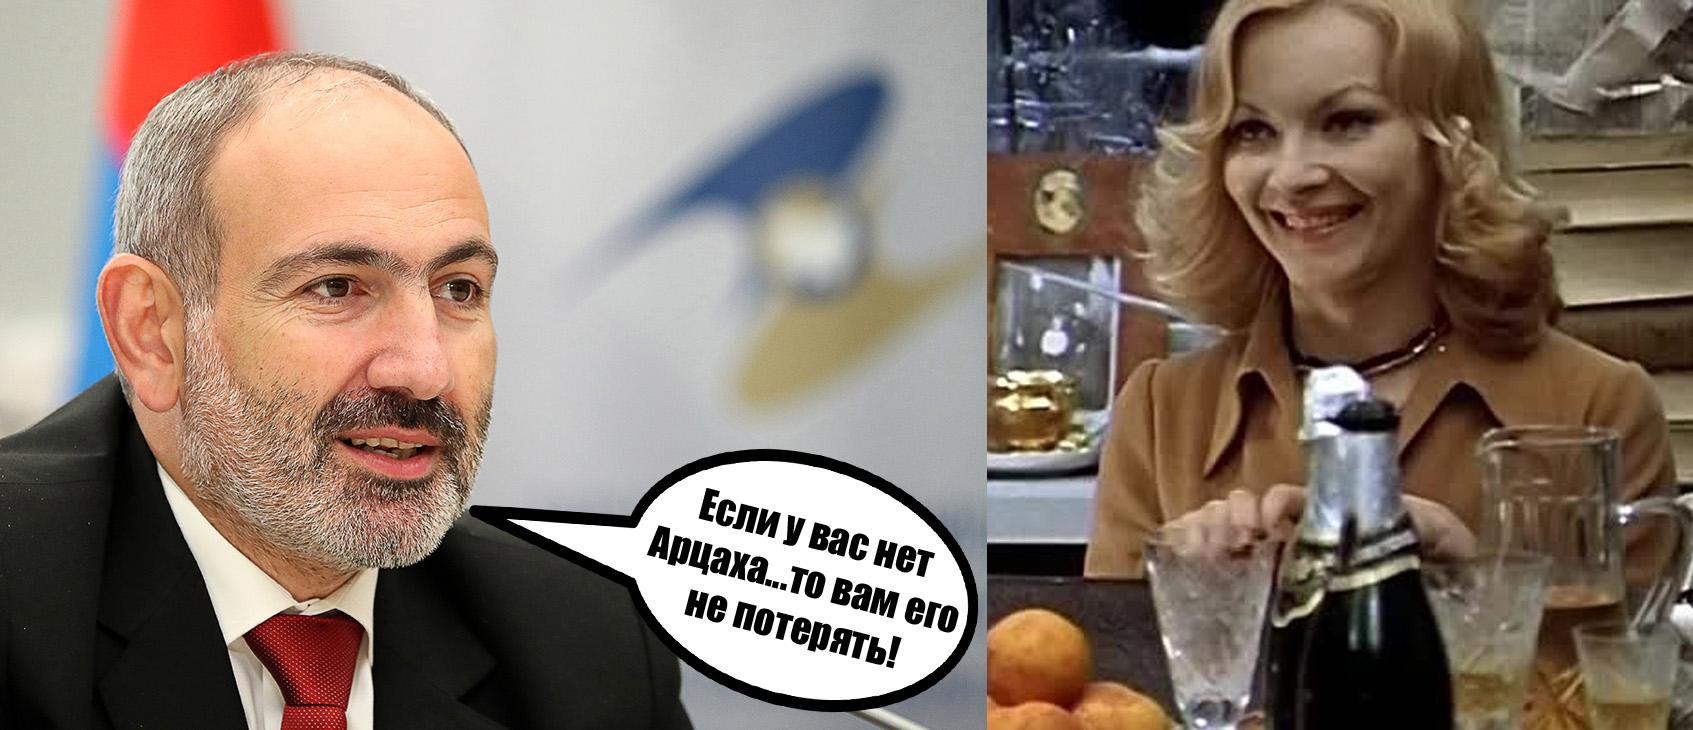 Никол Пашинян: если у вас нет Арцаха...то вам его не потерять!